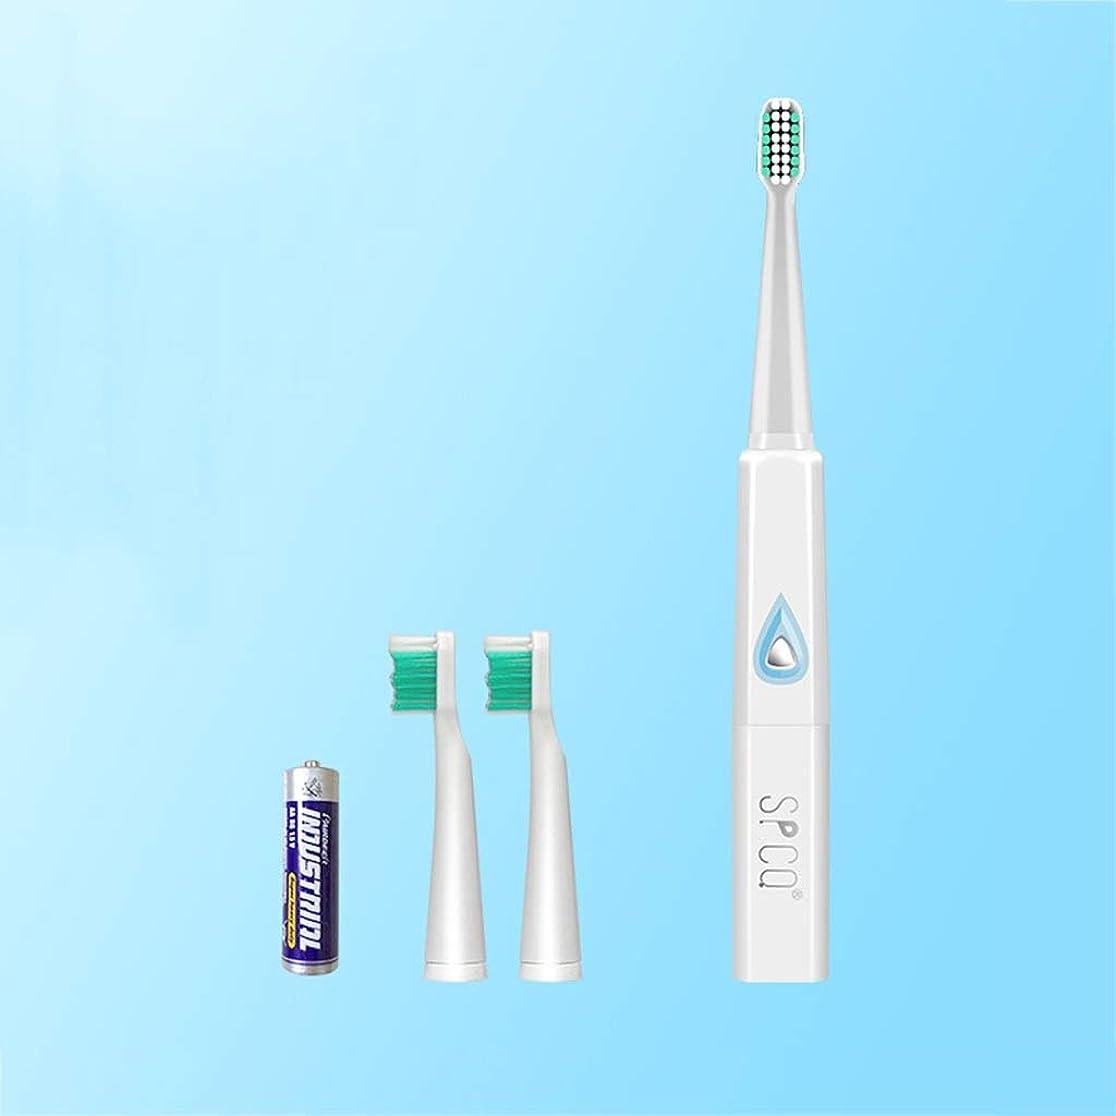 セーブ法律により裂け目電動歯ブラシ 音波の電動歯ブラシの大人の柔らかい毛電池のスマートな自動歯ブラシ3のブラシの頭部 (色 : B)